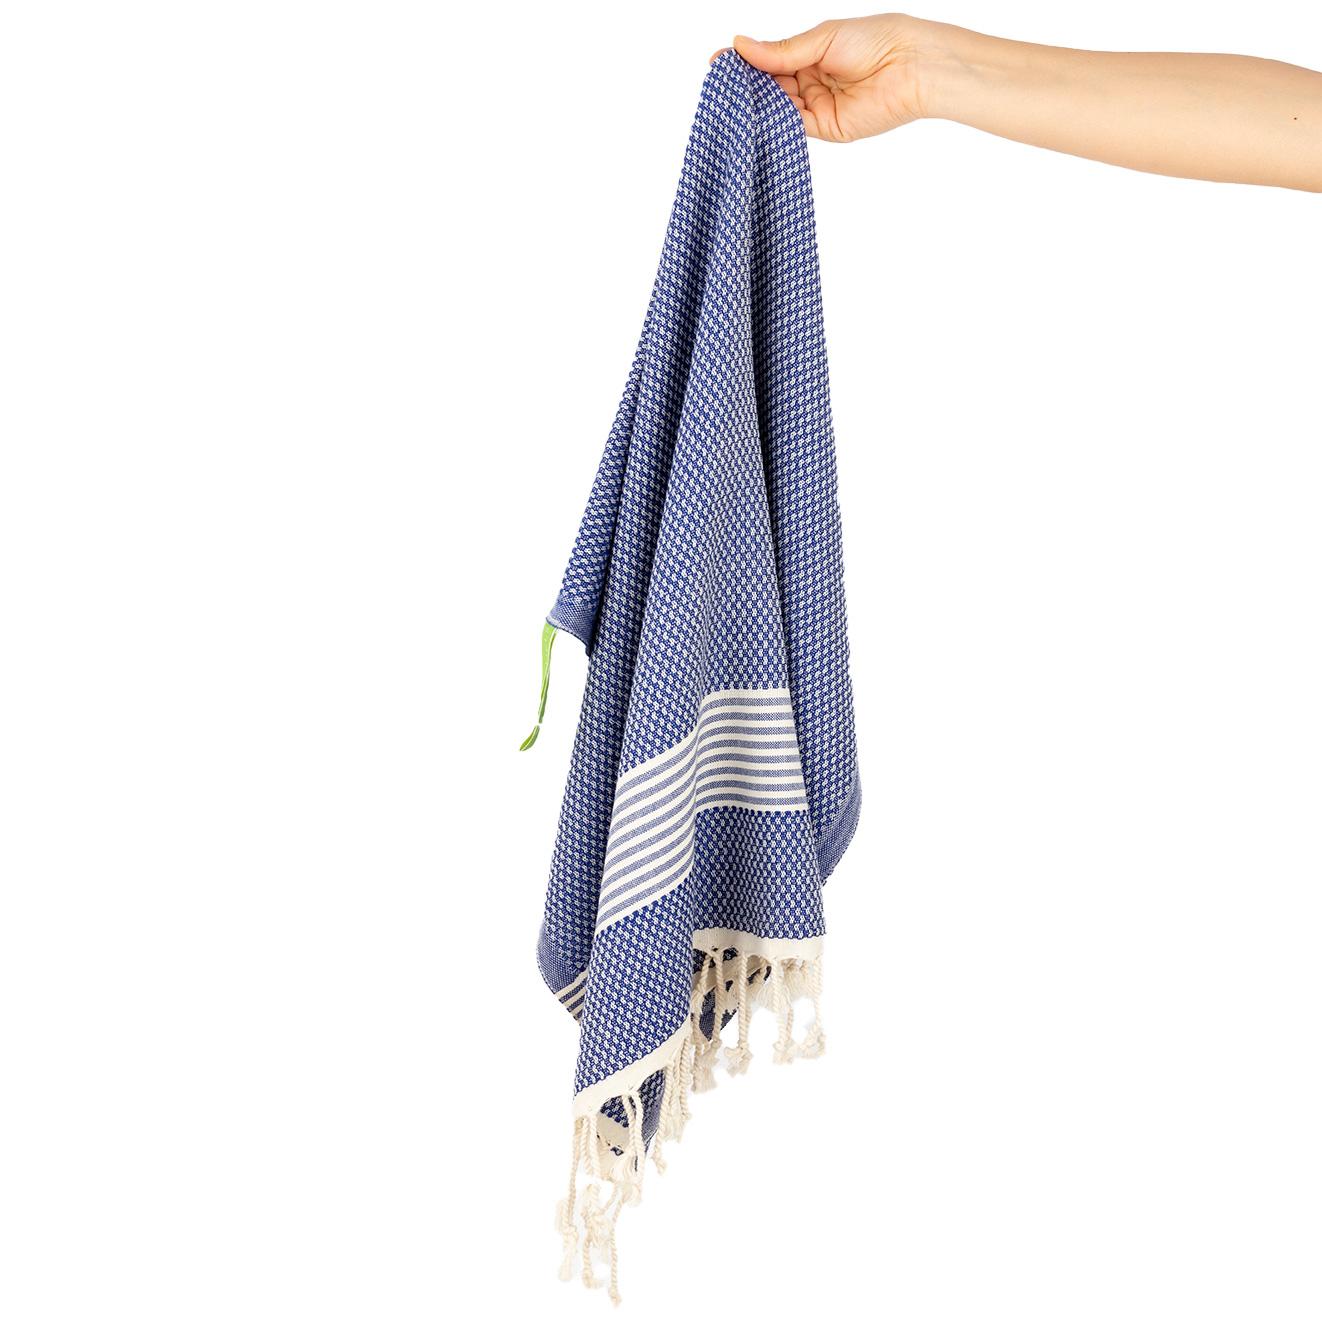 haardroogdoek-met-hand-donkerblauw